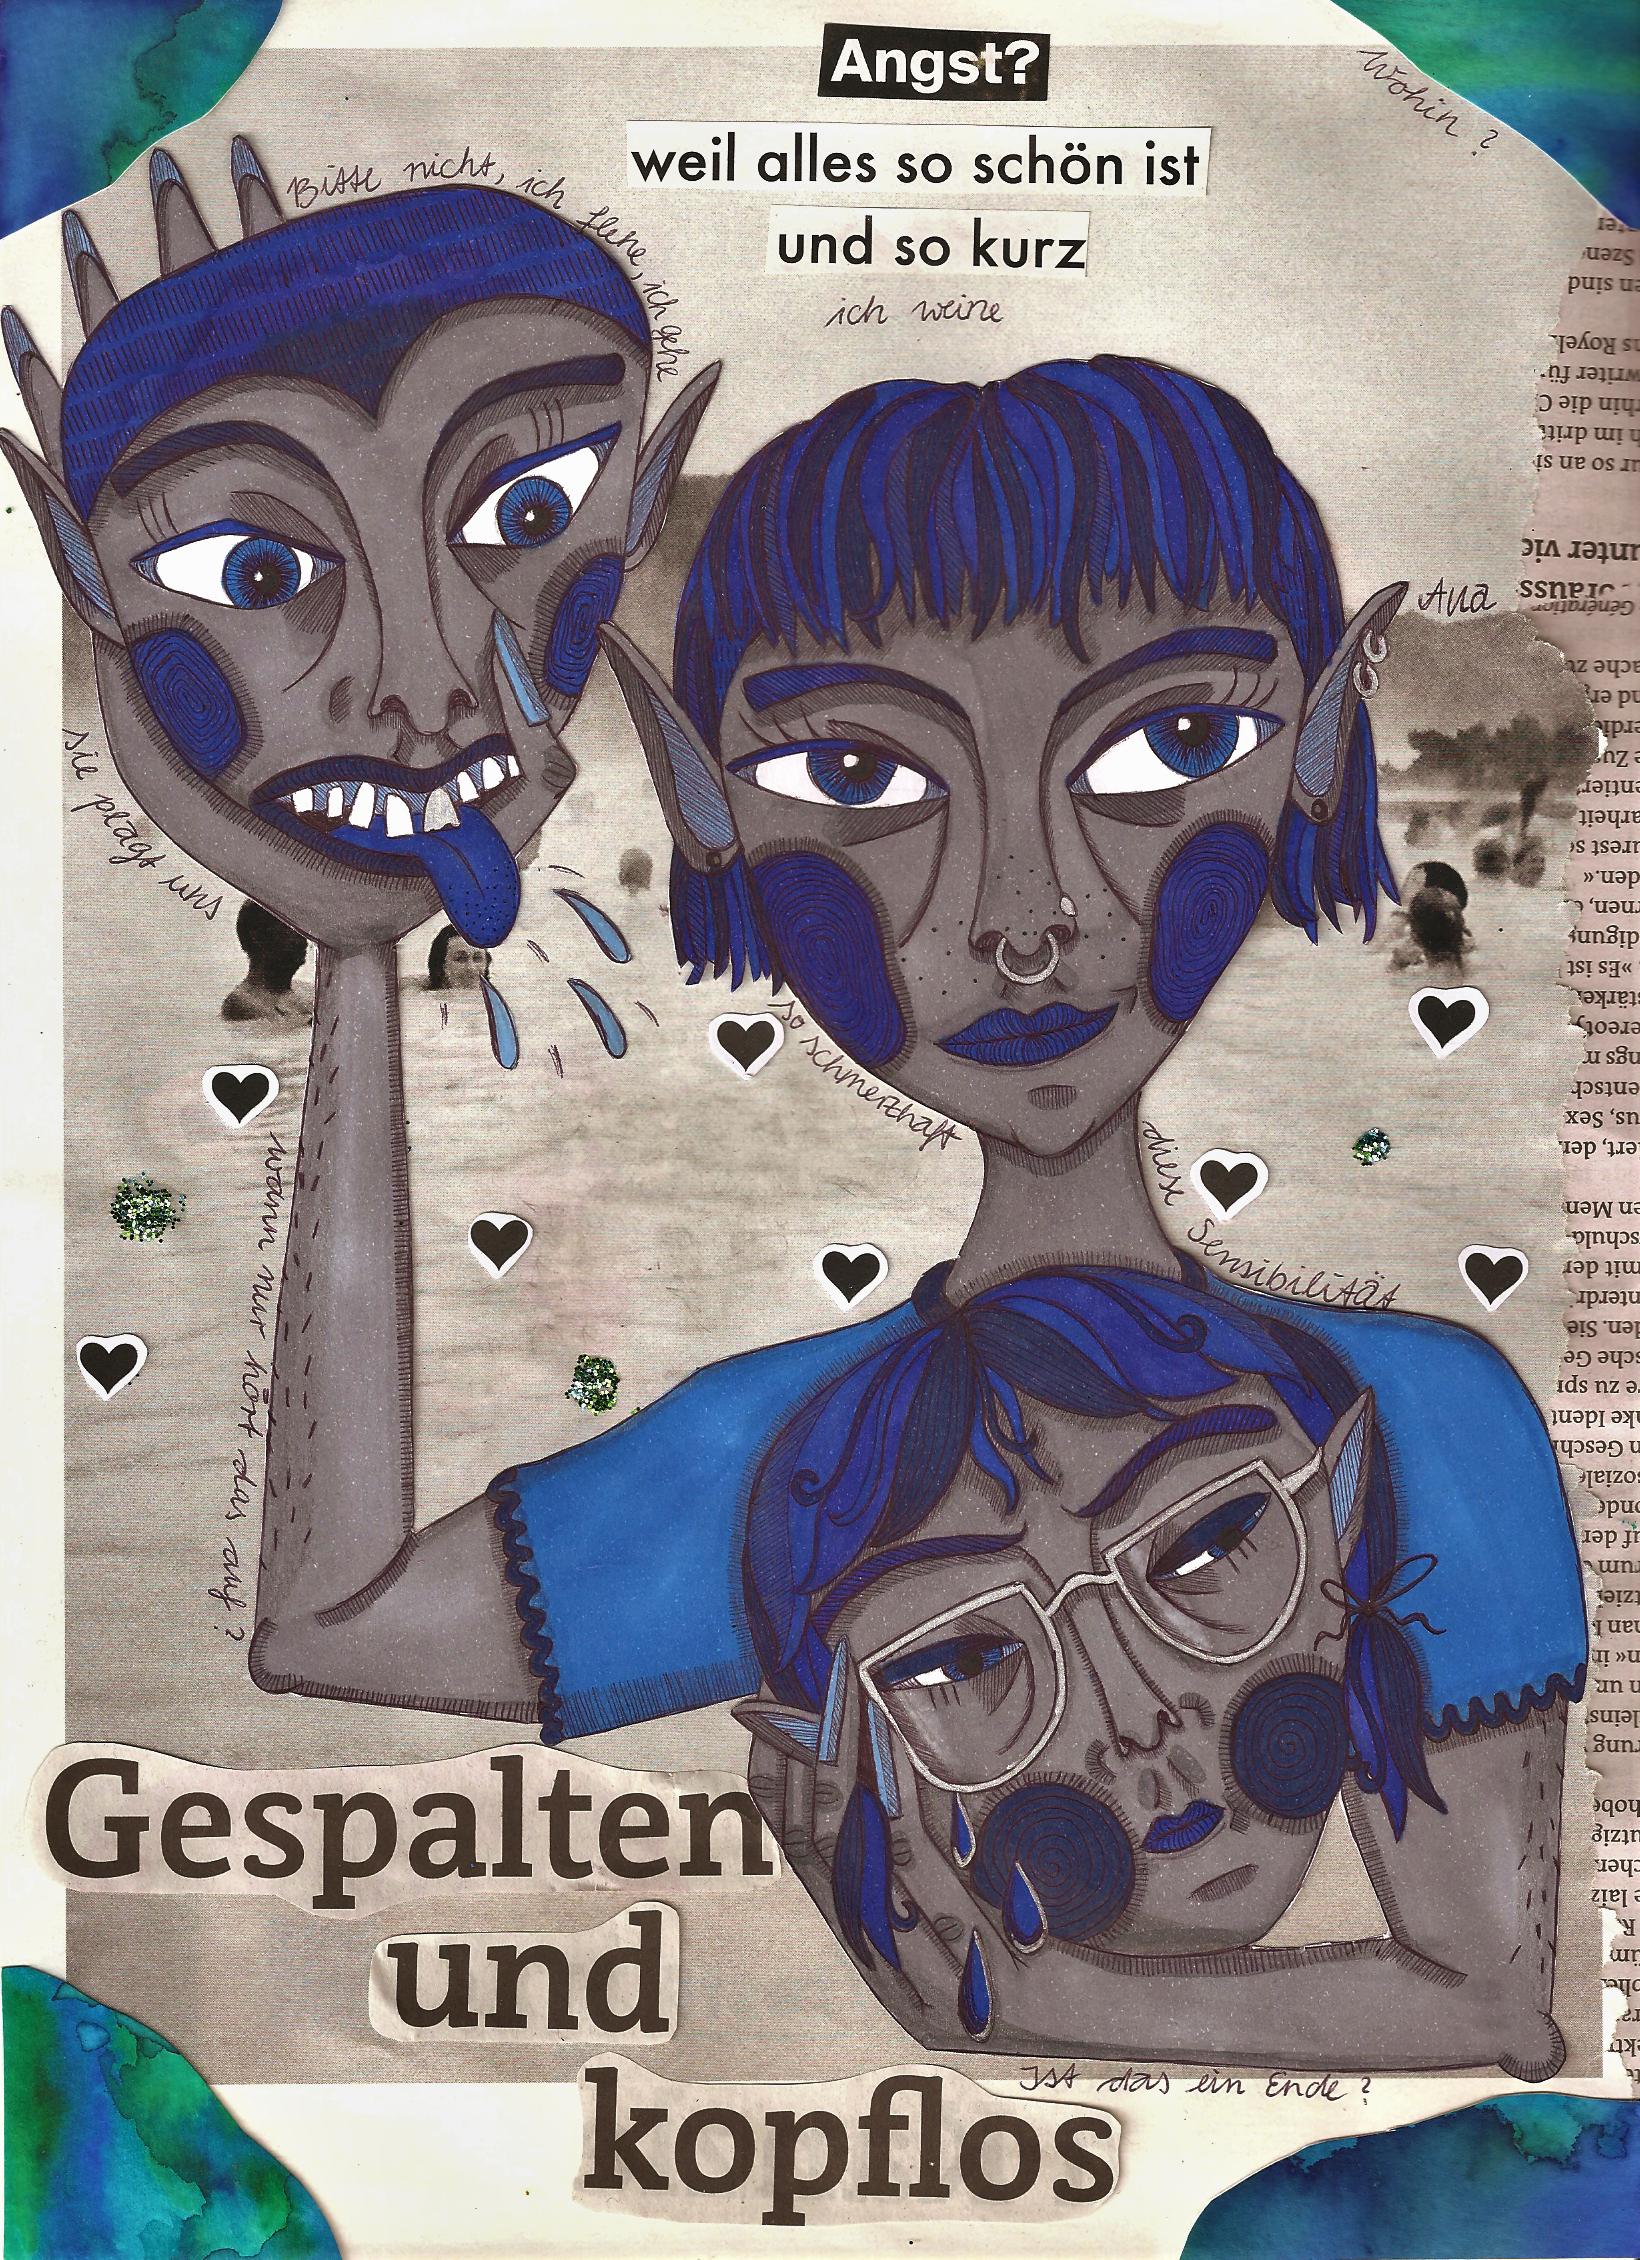 Collage: Gespalten und kopflos